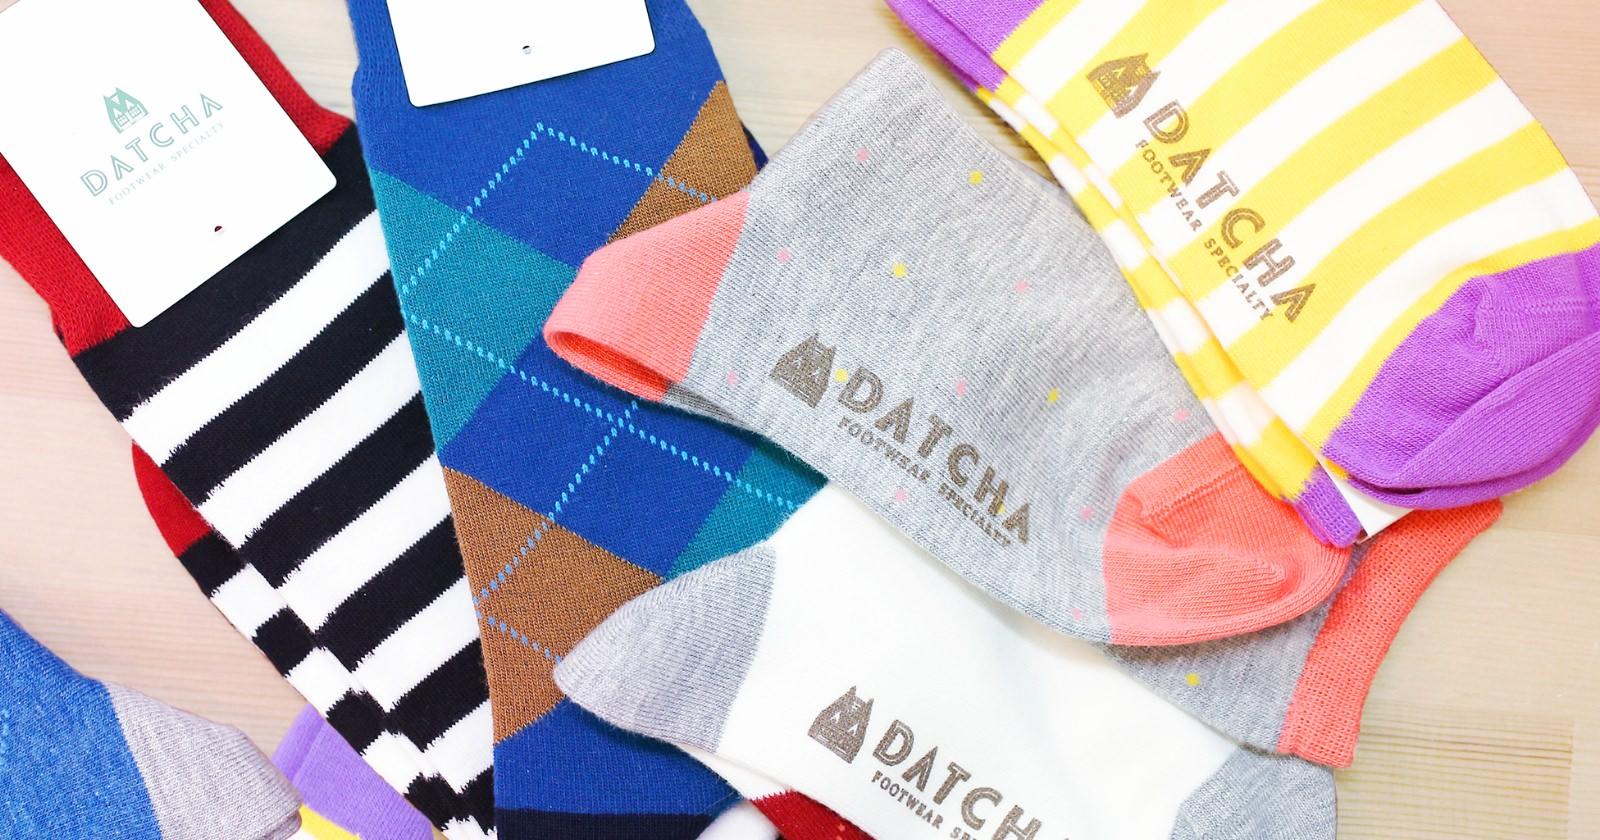 靴下の可能性と楽しみを広げるアイデア発信基地「DATCHA」